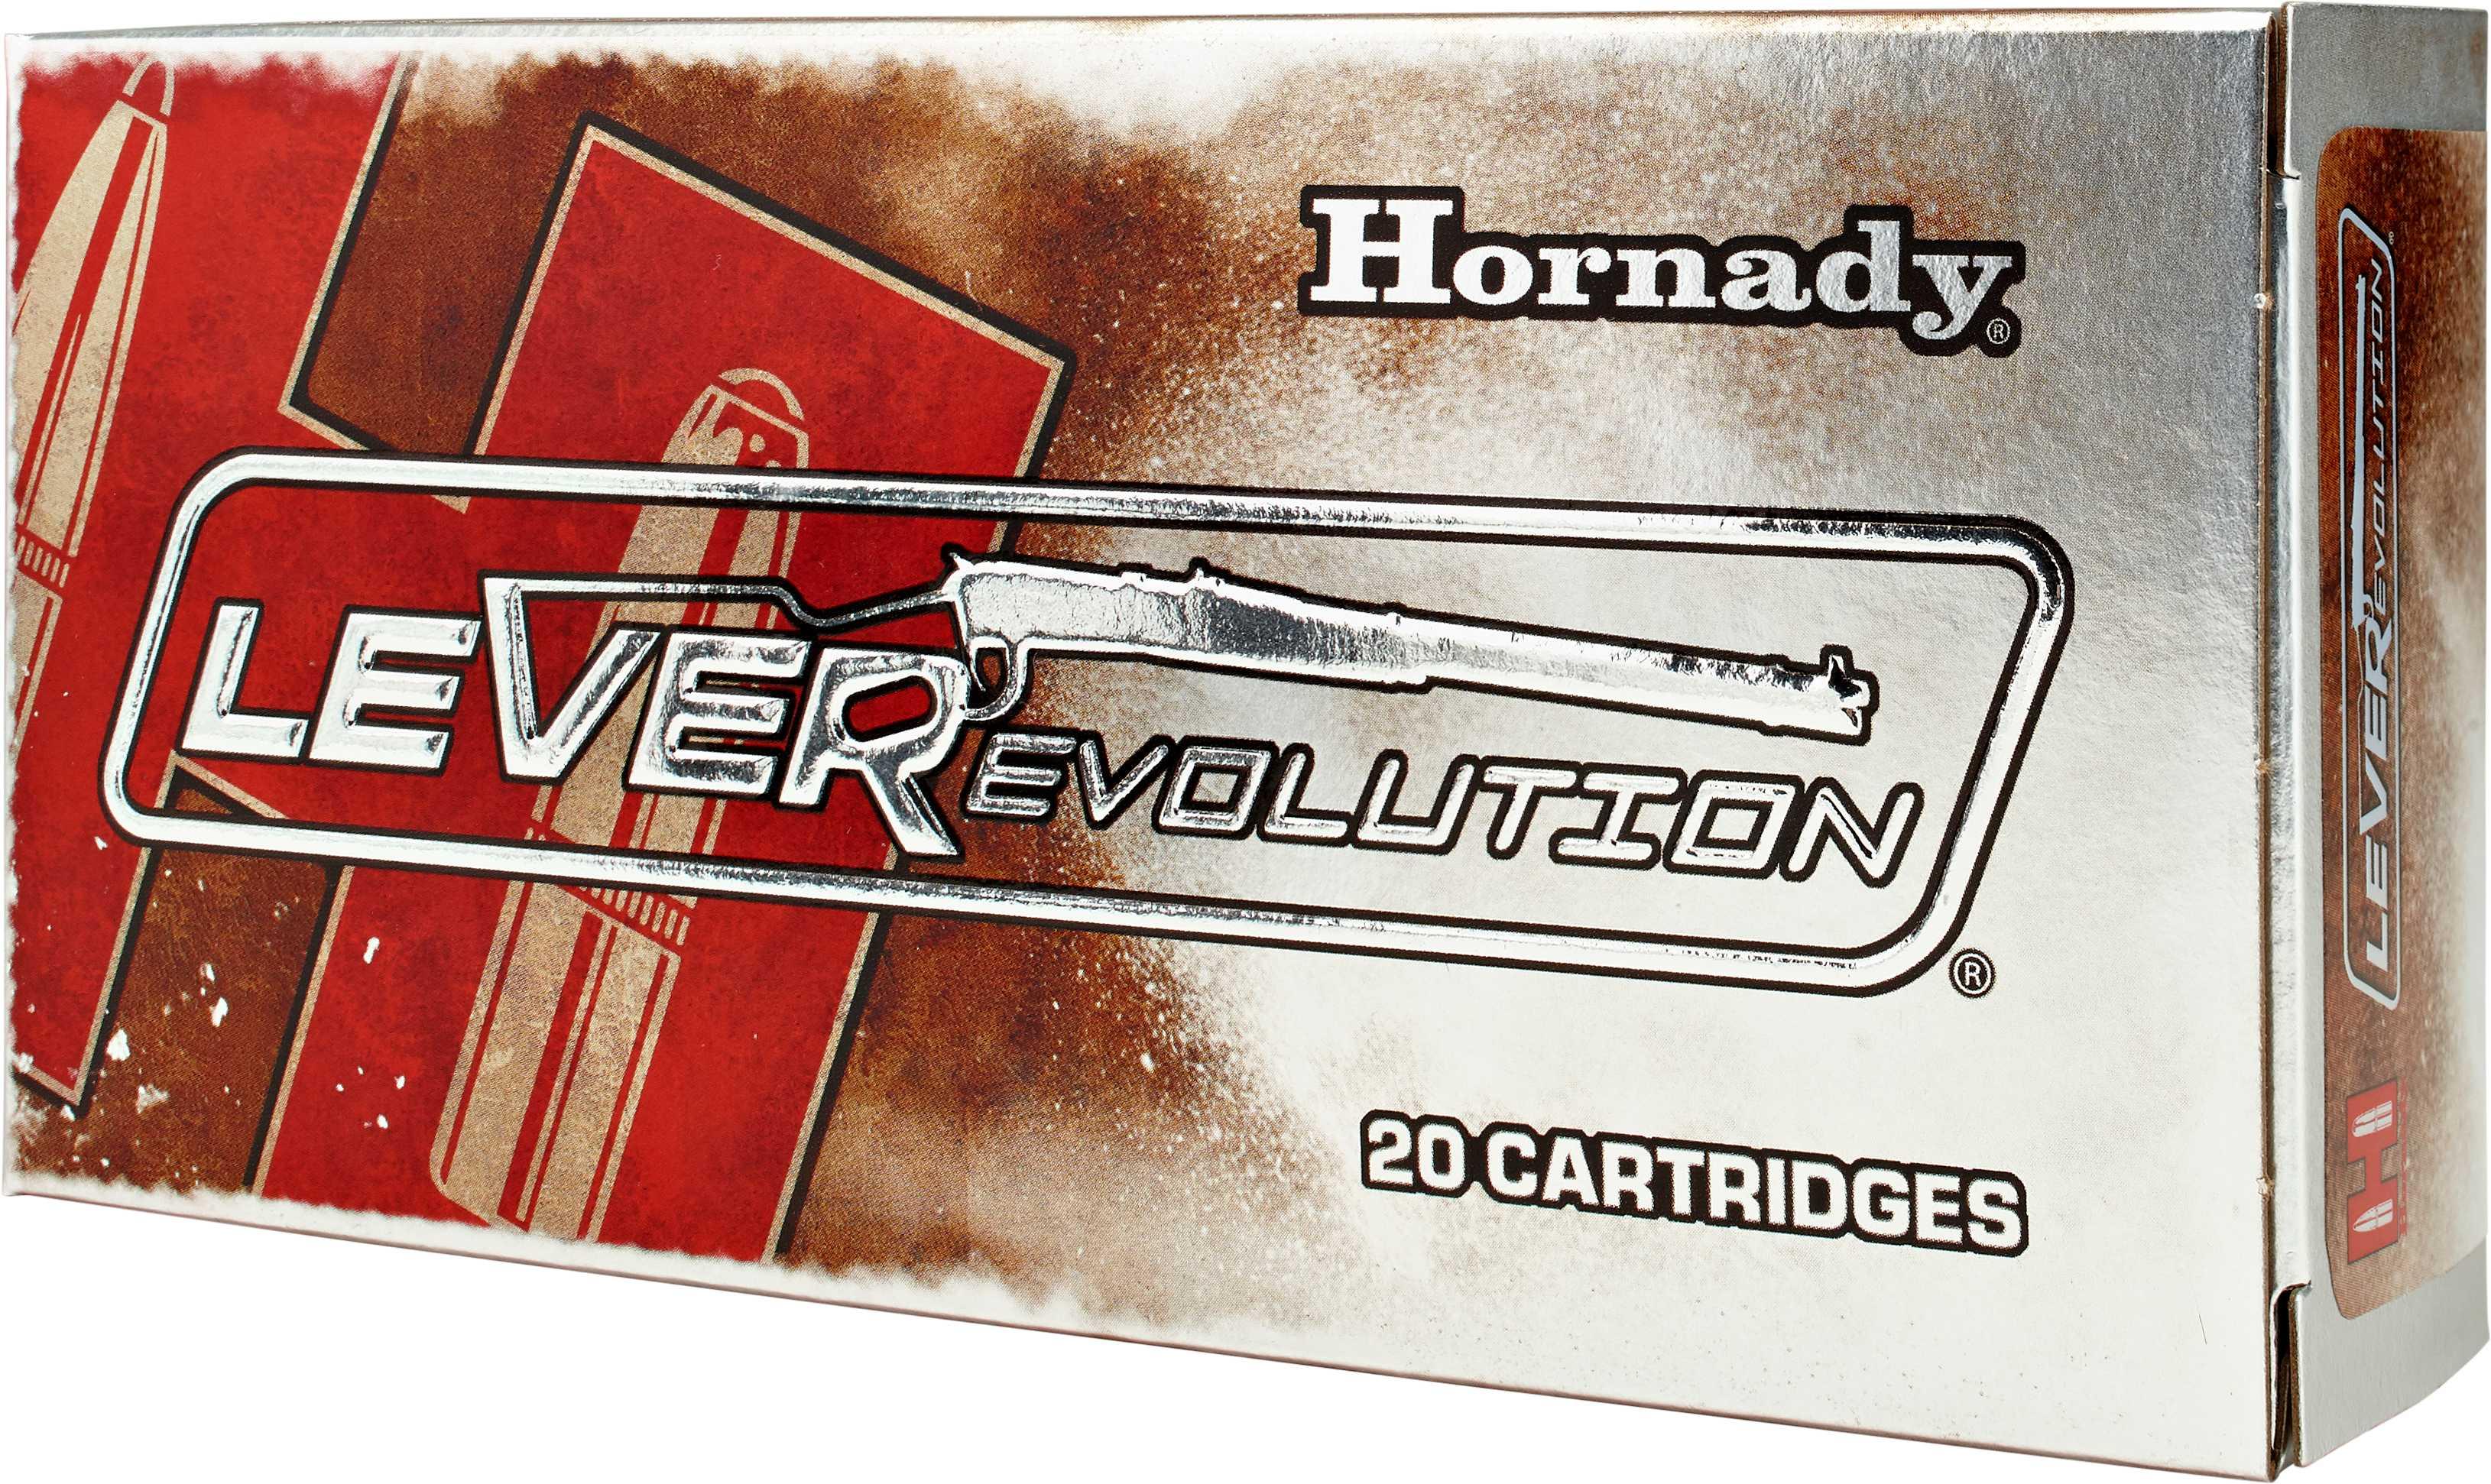 Hornady 45 Colt 225 Grain LeverEvolution FlexTip Ammo 20 Round Box 92792